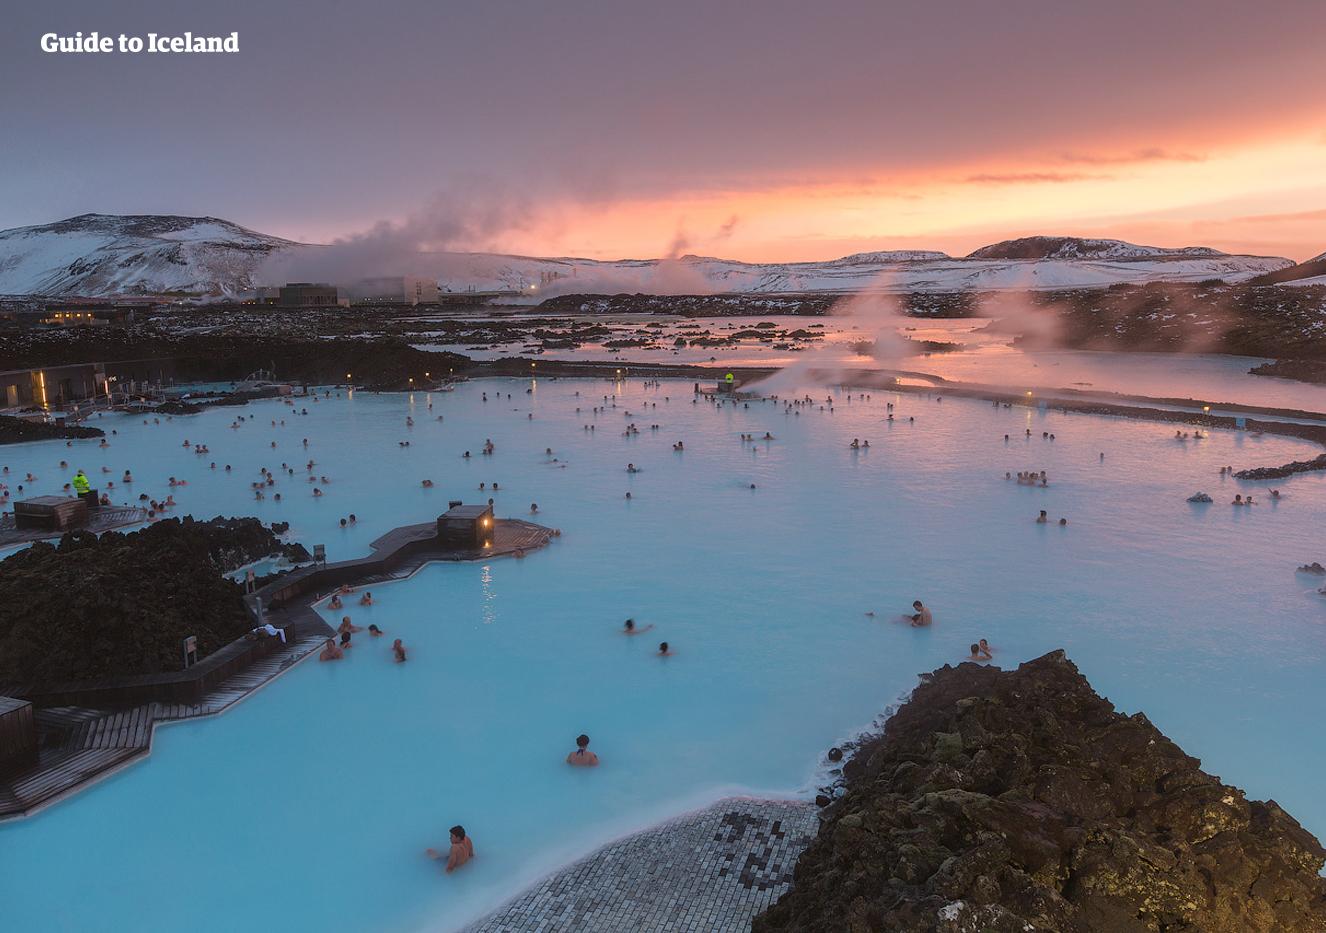 蓝湖温泉是冰岛最著名的旅游景点之一,位于雷克雅内斯半岛(Reykjanes)之上